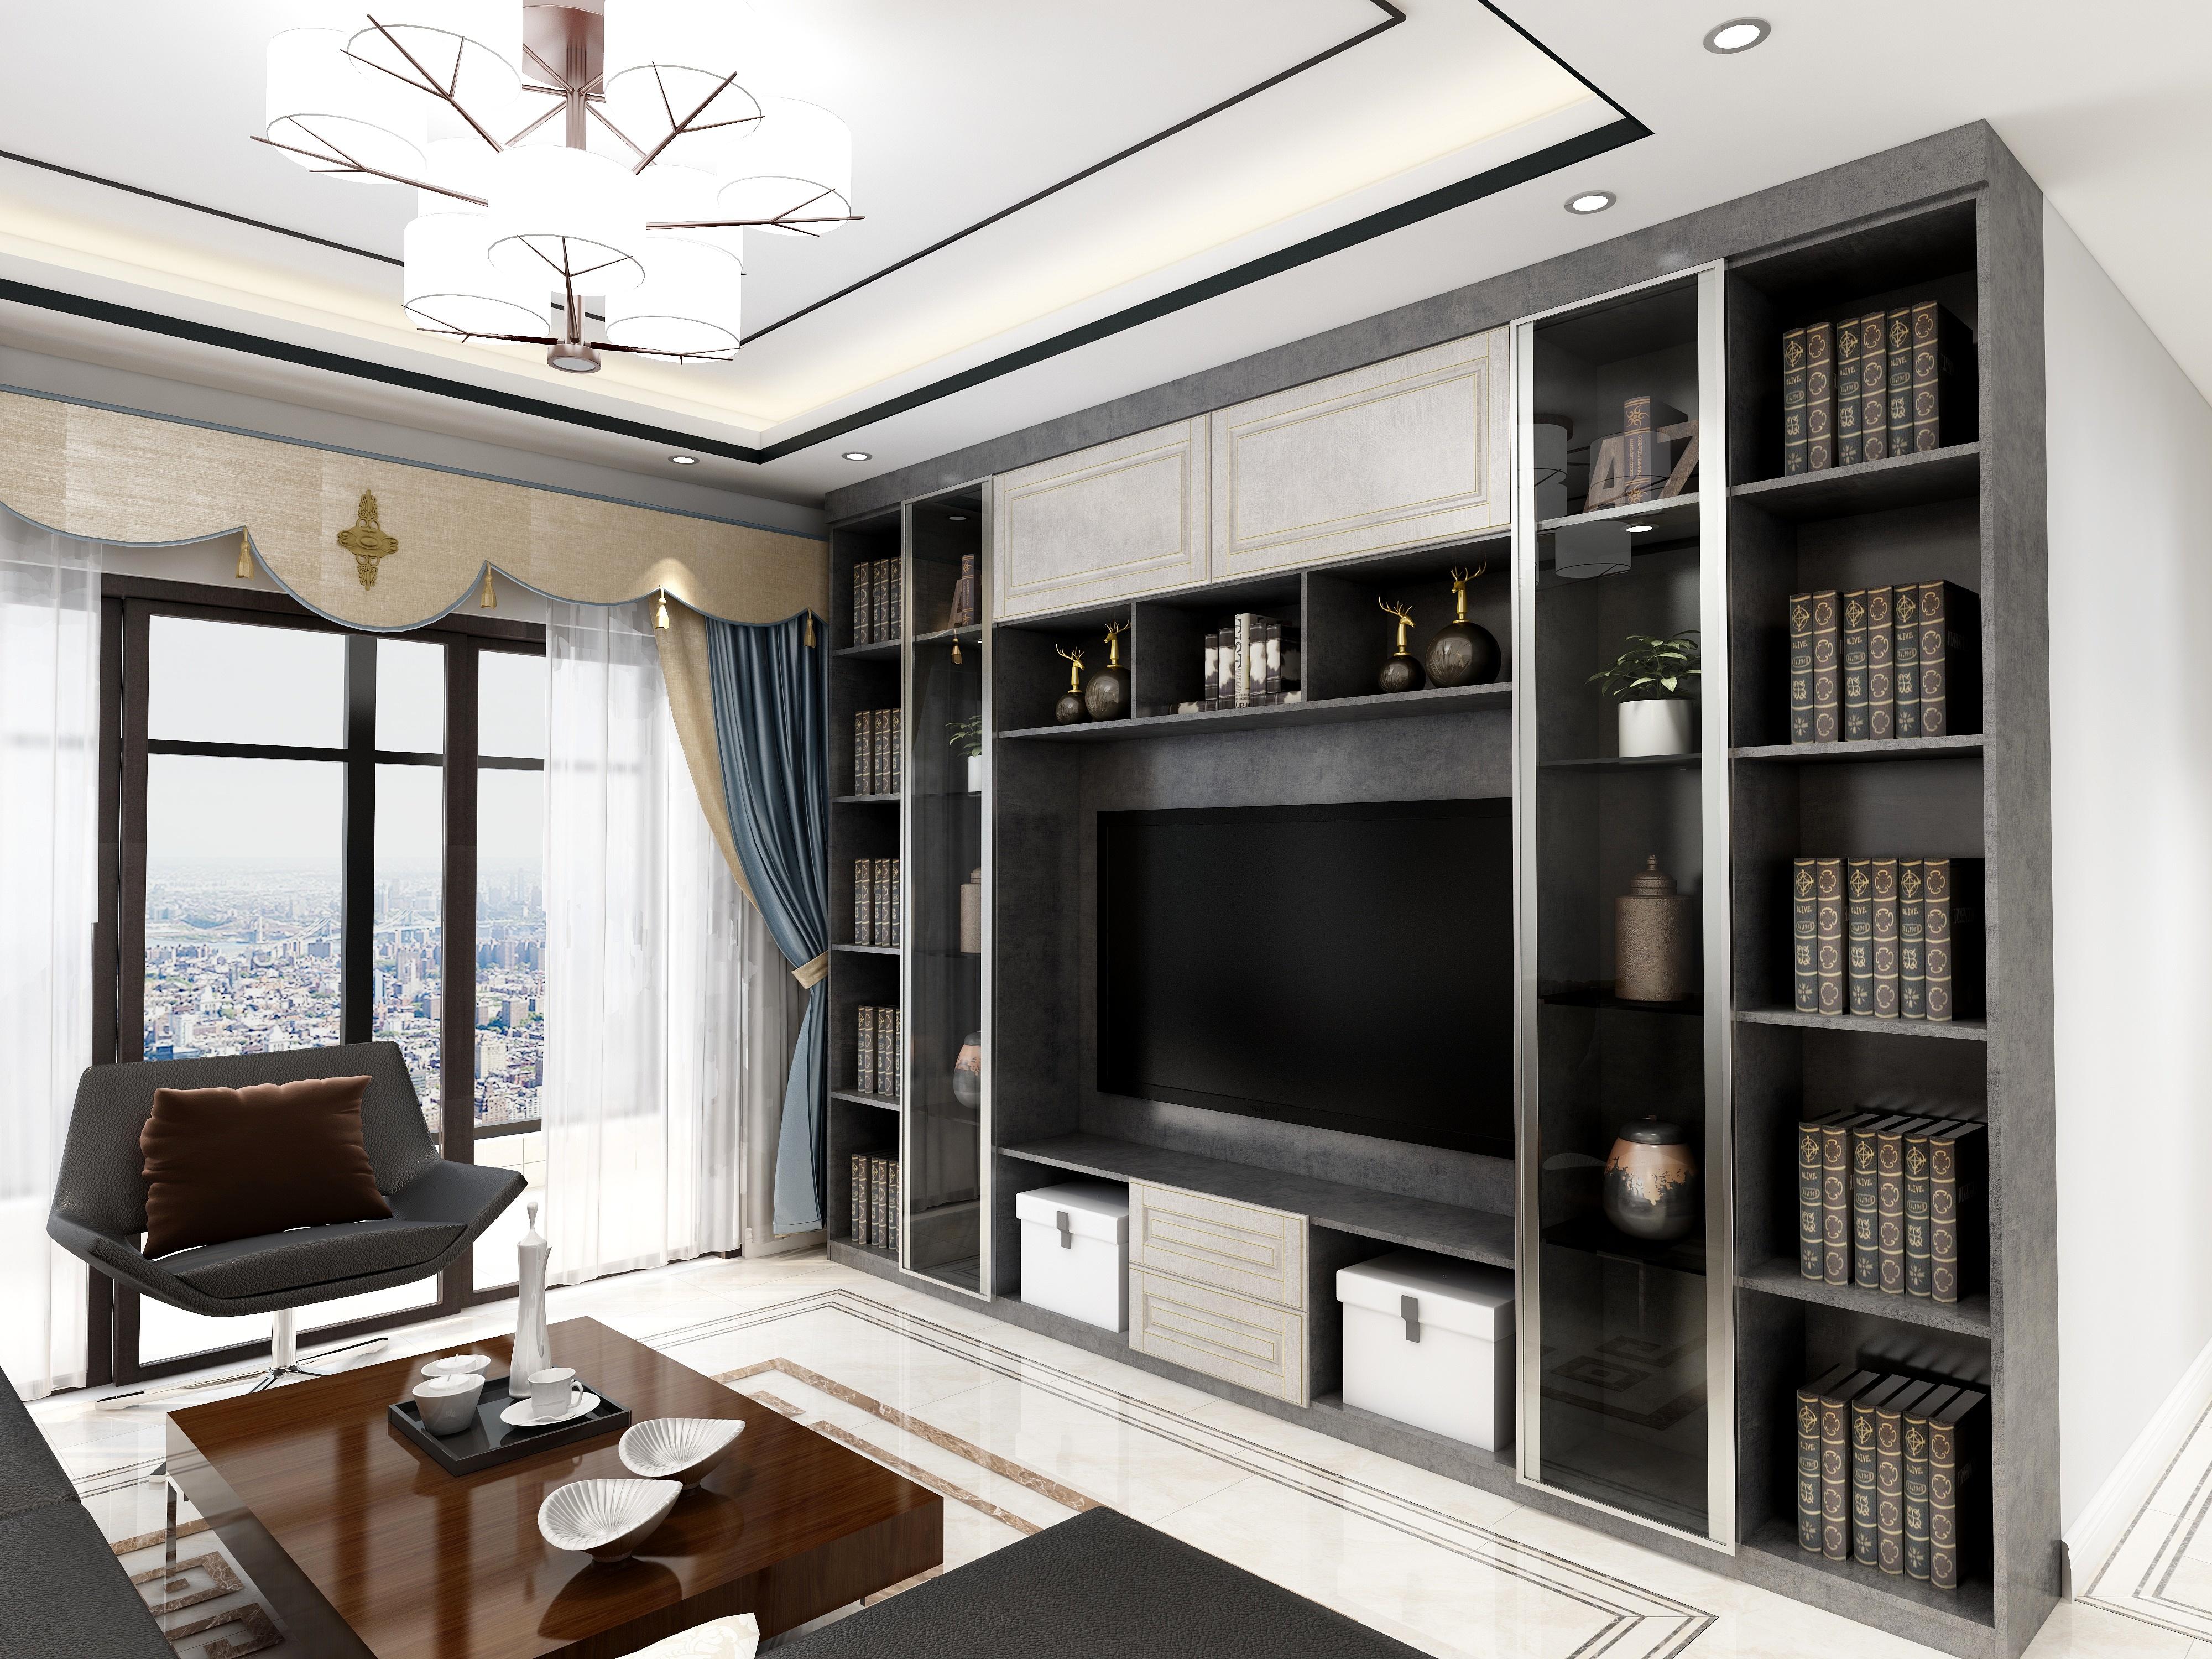 京华假日湾-设计师:雅斯曼定制家居